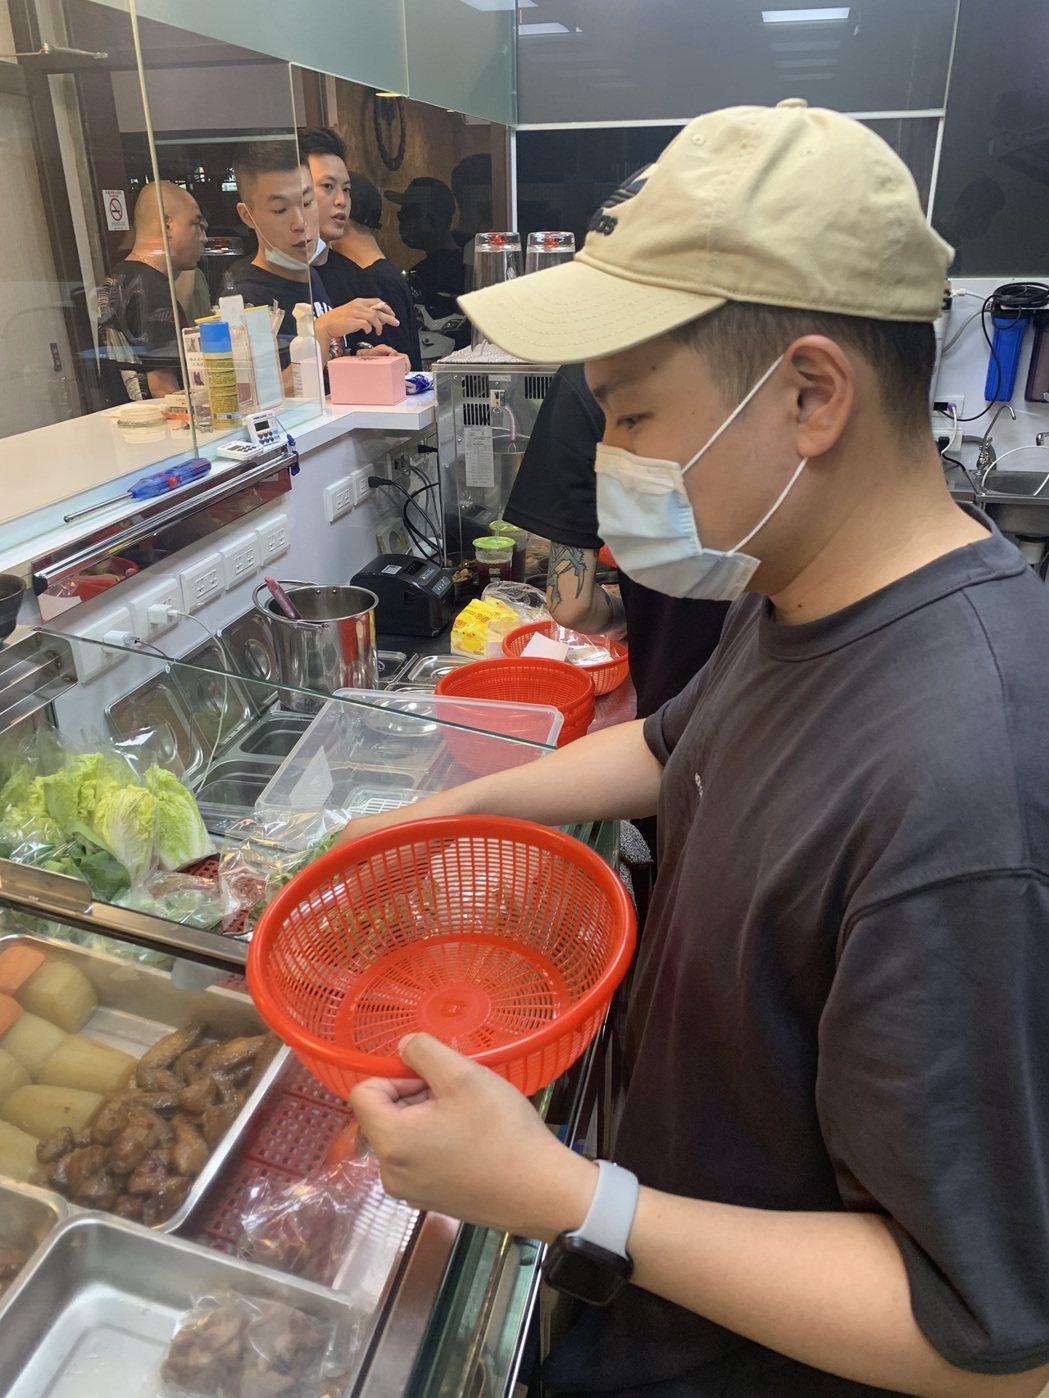 洋蔥偶爾會在店內服務。圖/混血兒娛樂提供